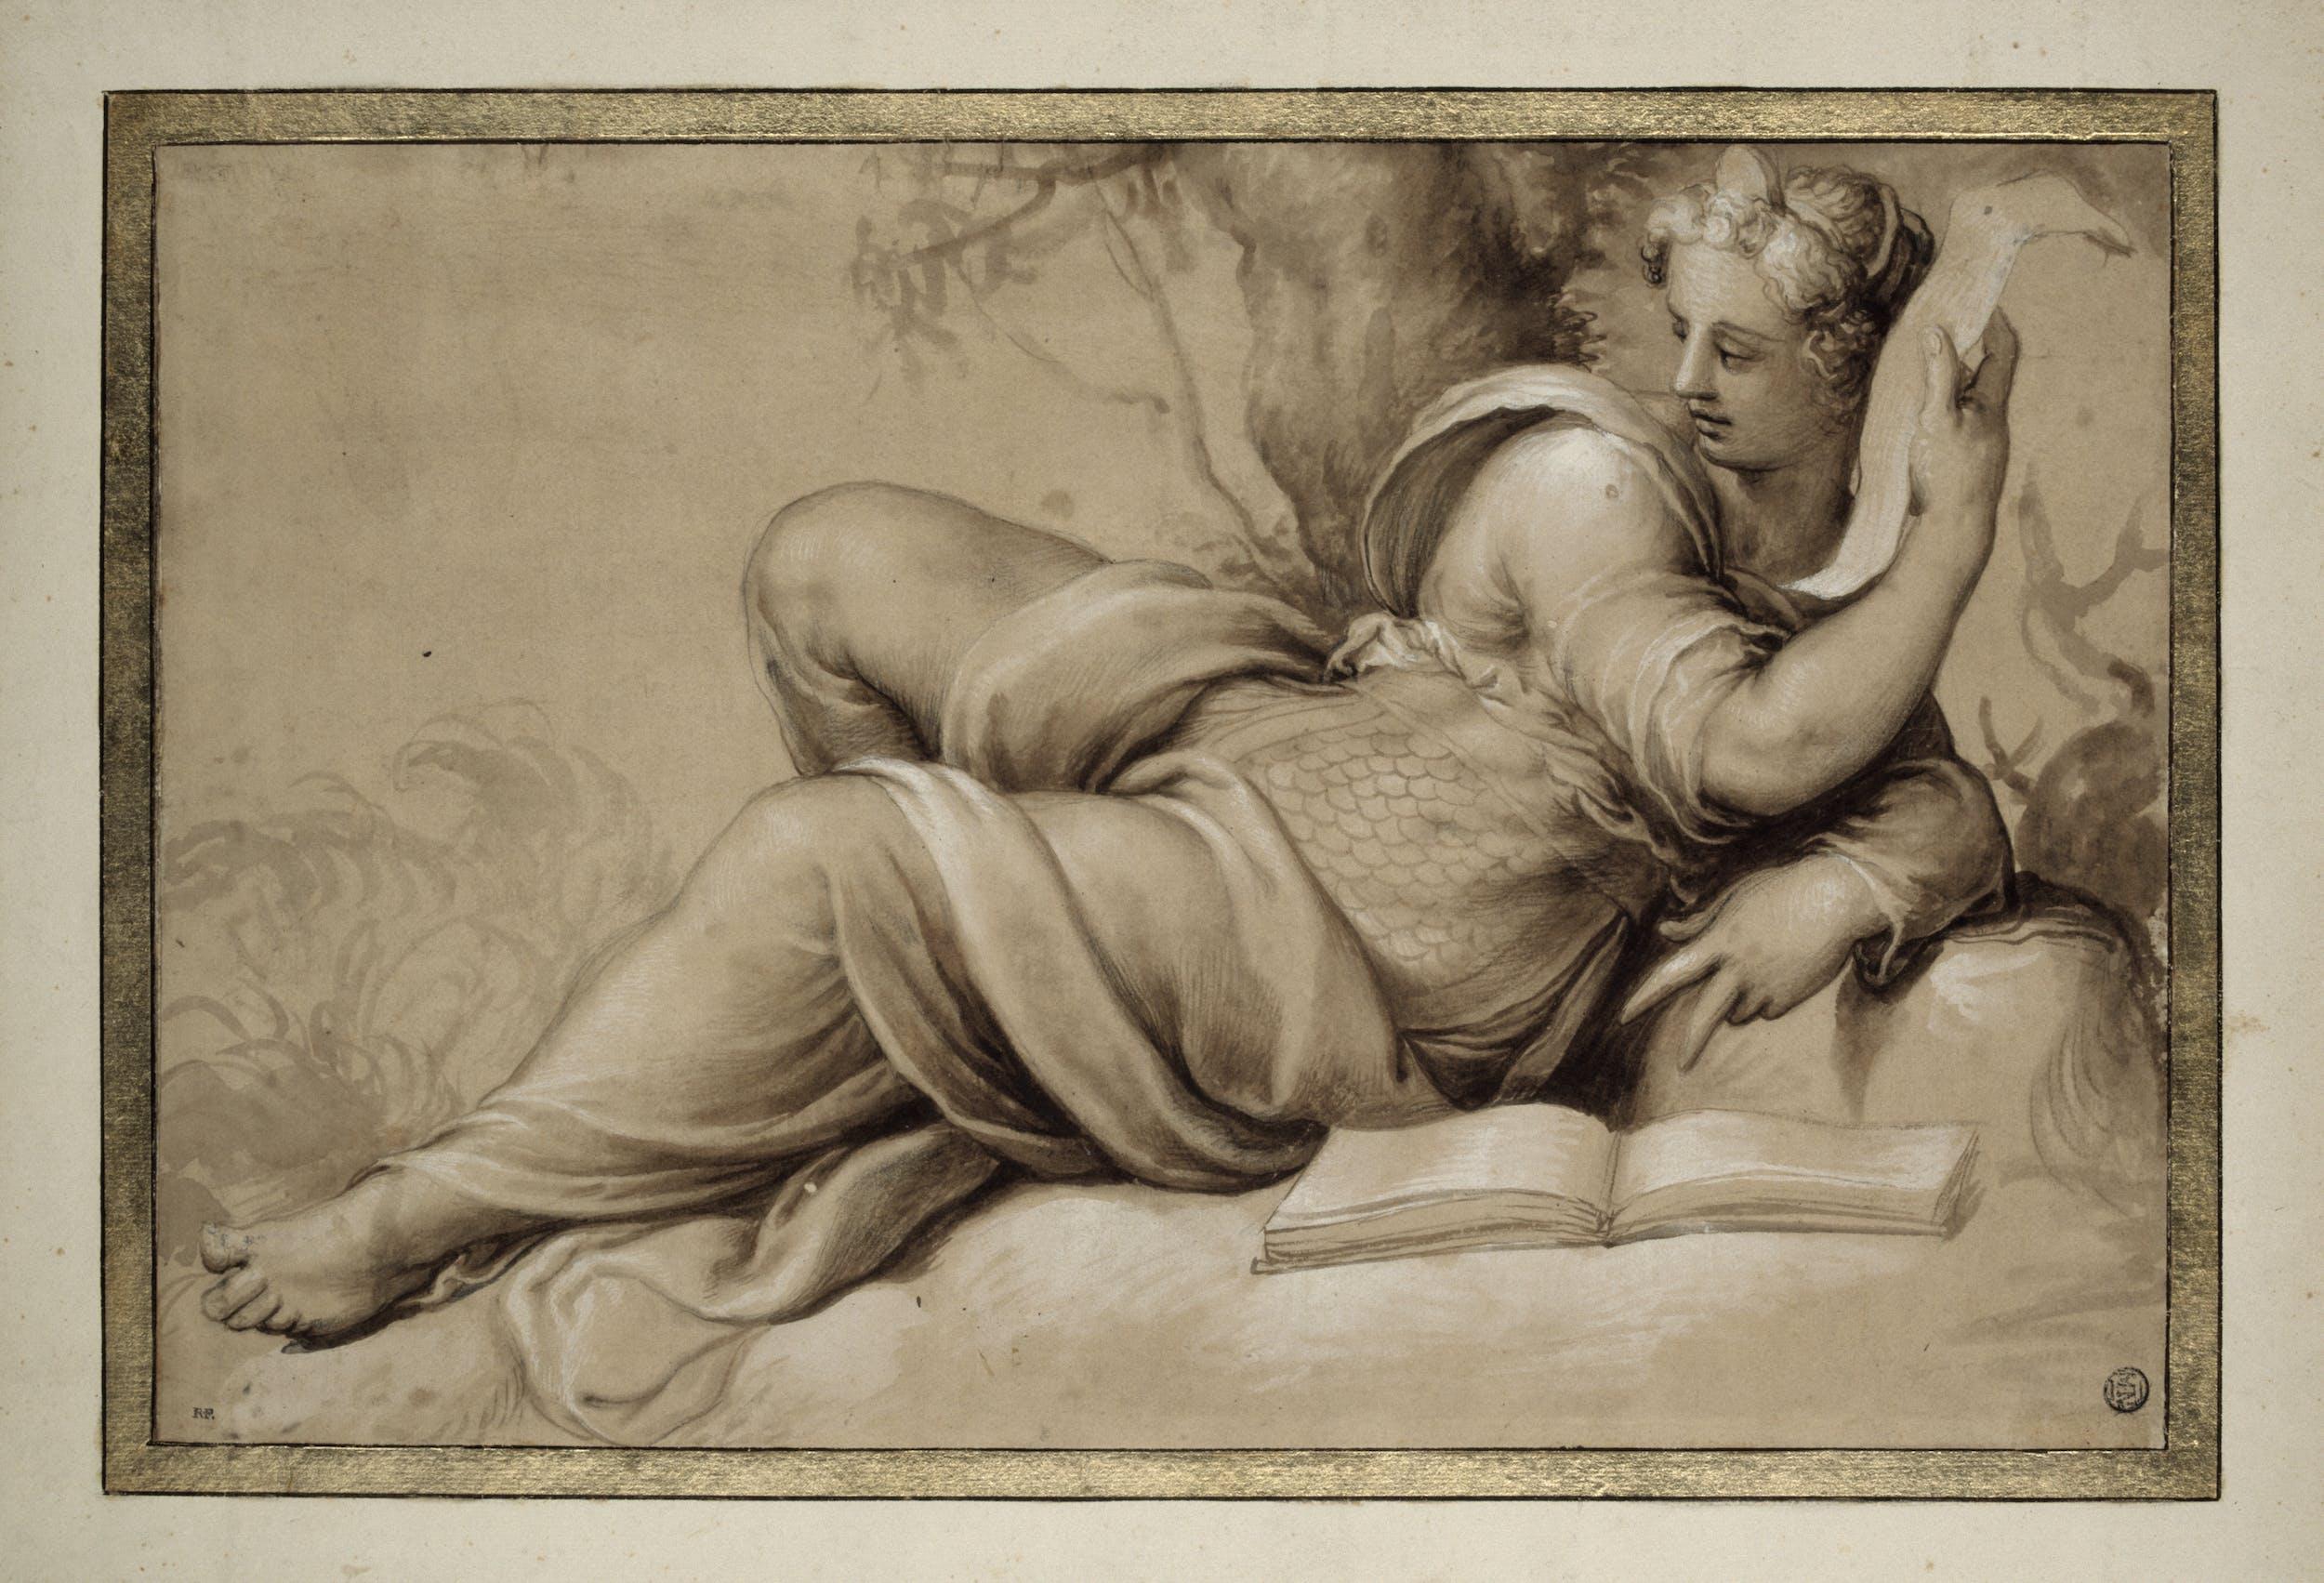 Francesco de' Rossi, detto Francesco Salviati (1510-1563) Figura femminile drappeggiata, sdraiata, con un libro aperto Intorno agli anni Cinquanta del Cinquecento matita nera, acquerello bruno e biacca (carbonato basico di piombo) su carta Département des arts graphiques, Musée du Louvre, Parigi